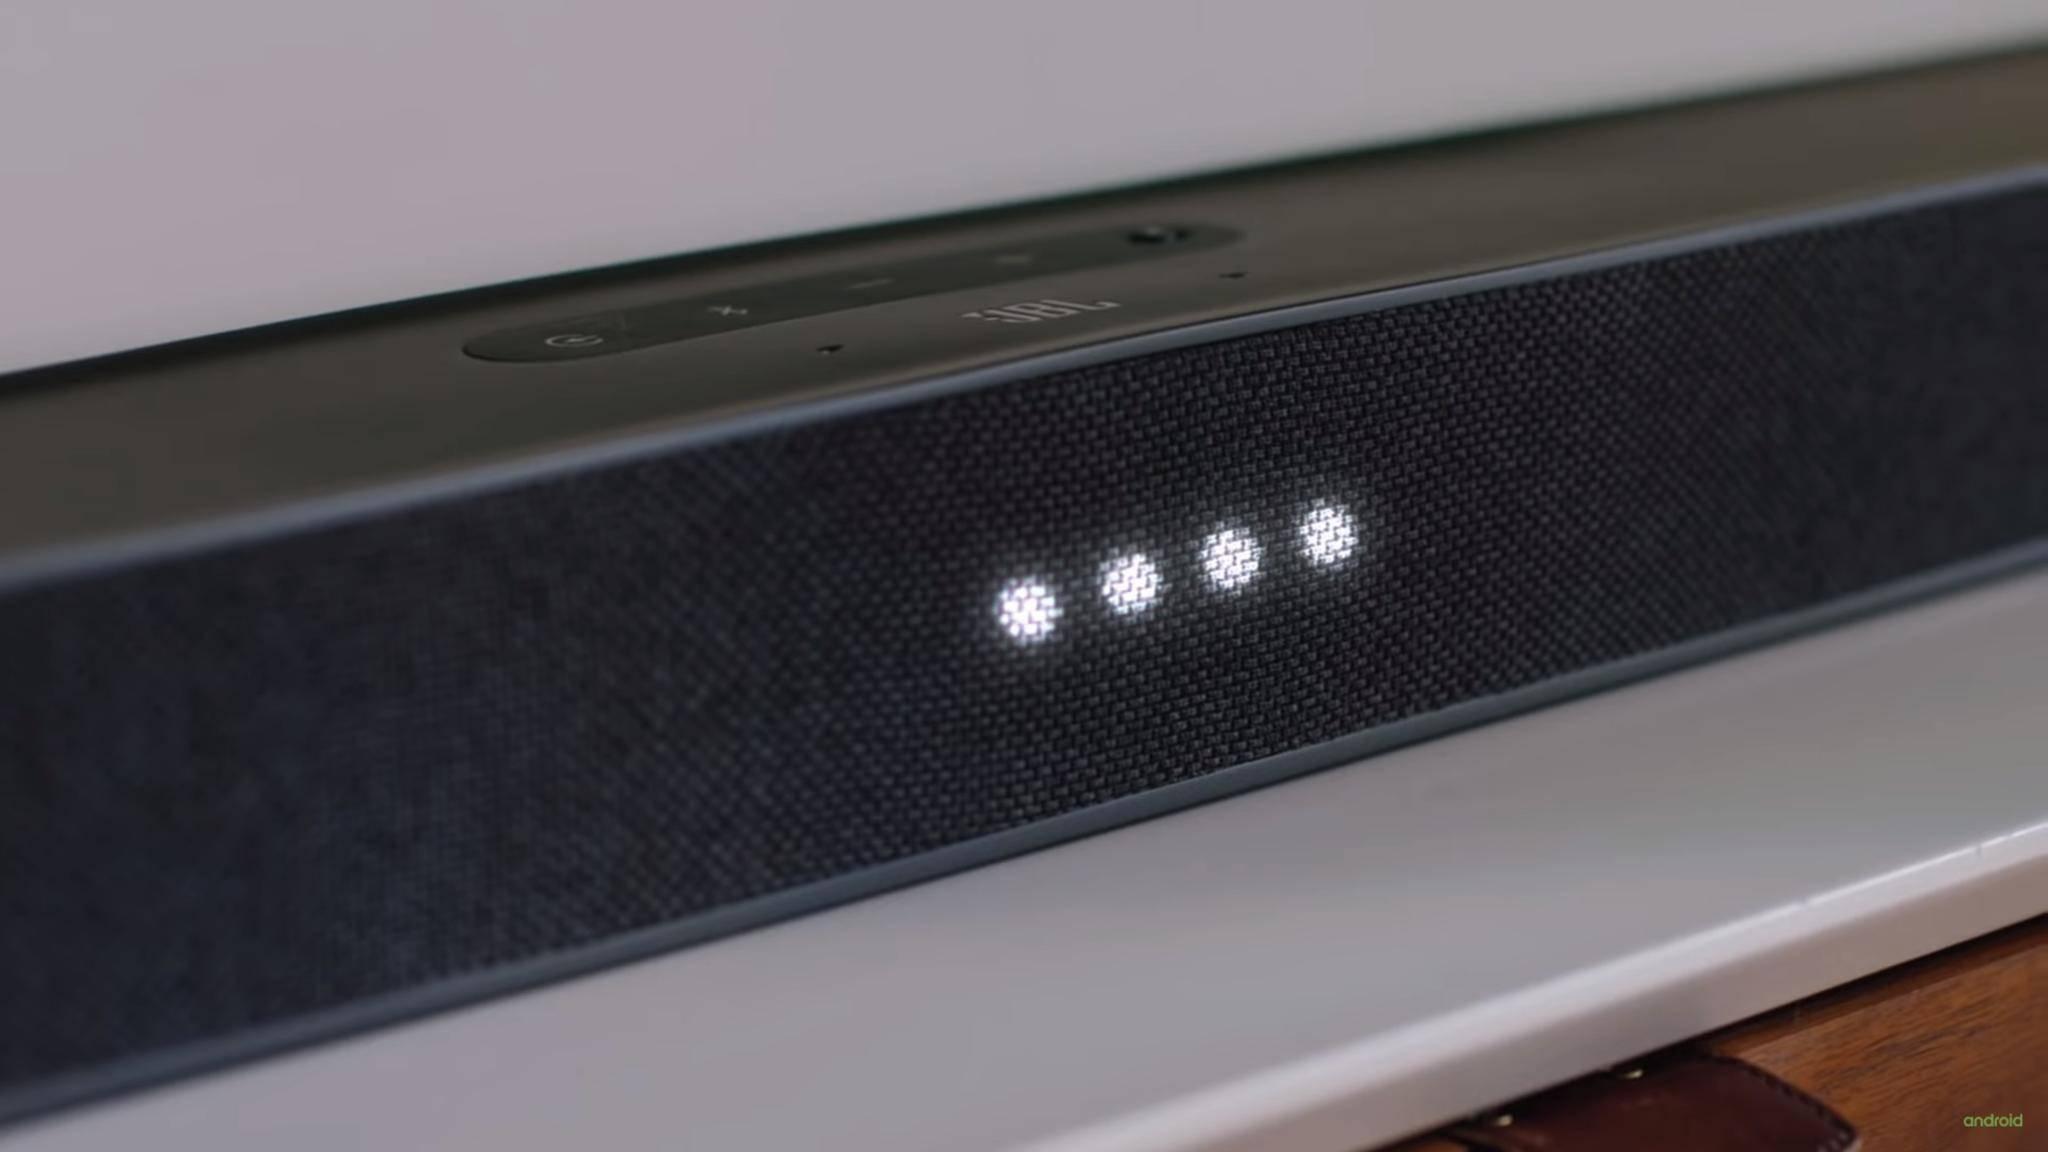 JBL-Soundbar bietet Android TV und Google Assistant für Fernseher